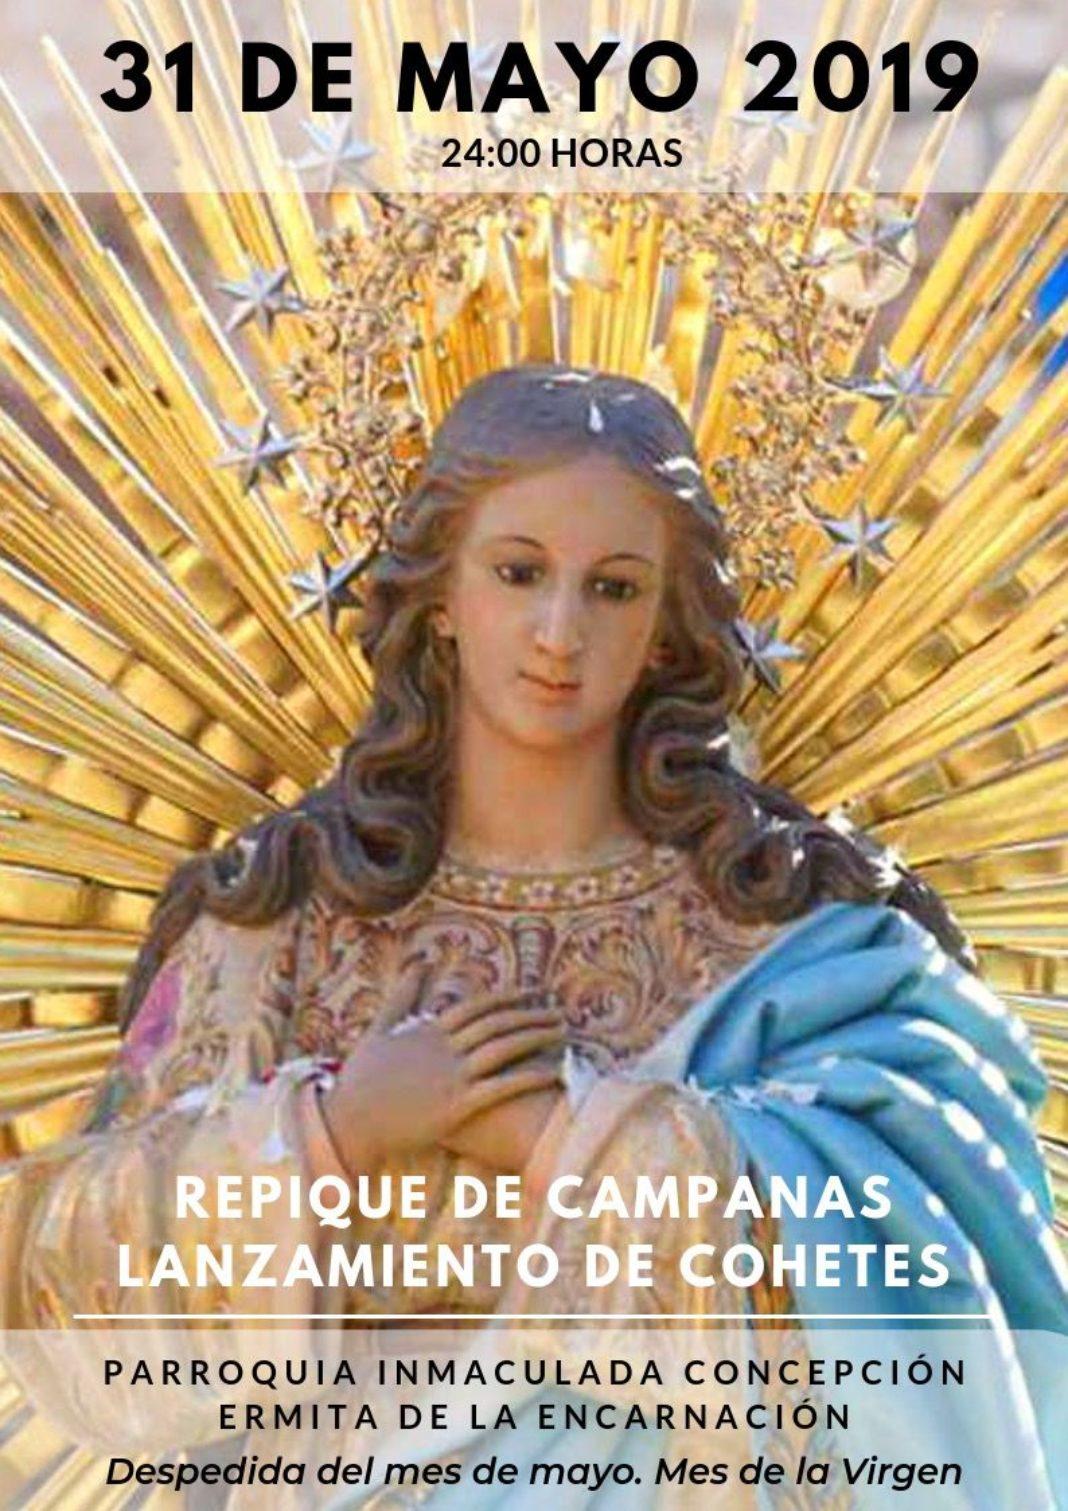 Mayo campanas 1068x1511 - Despedida del mes de mayo en la parroquia de la Inmaculada Concepción